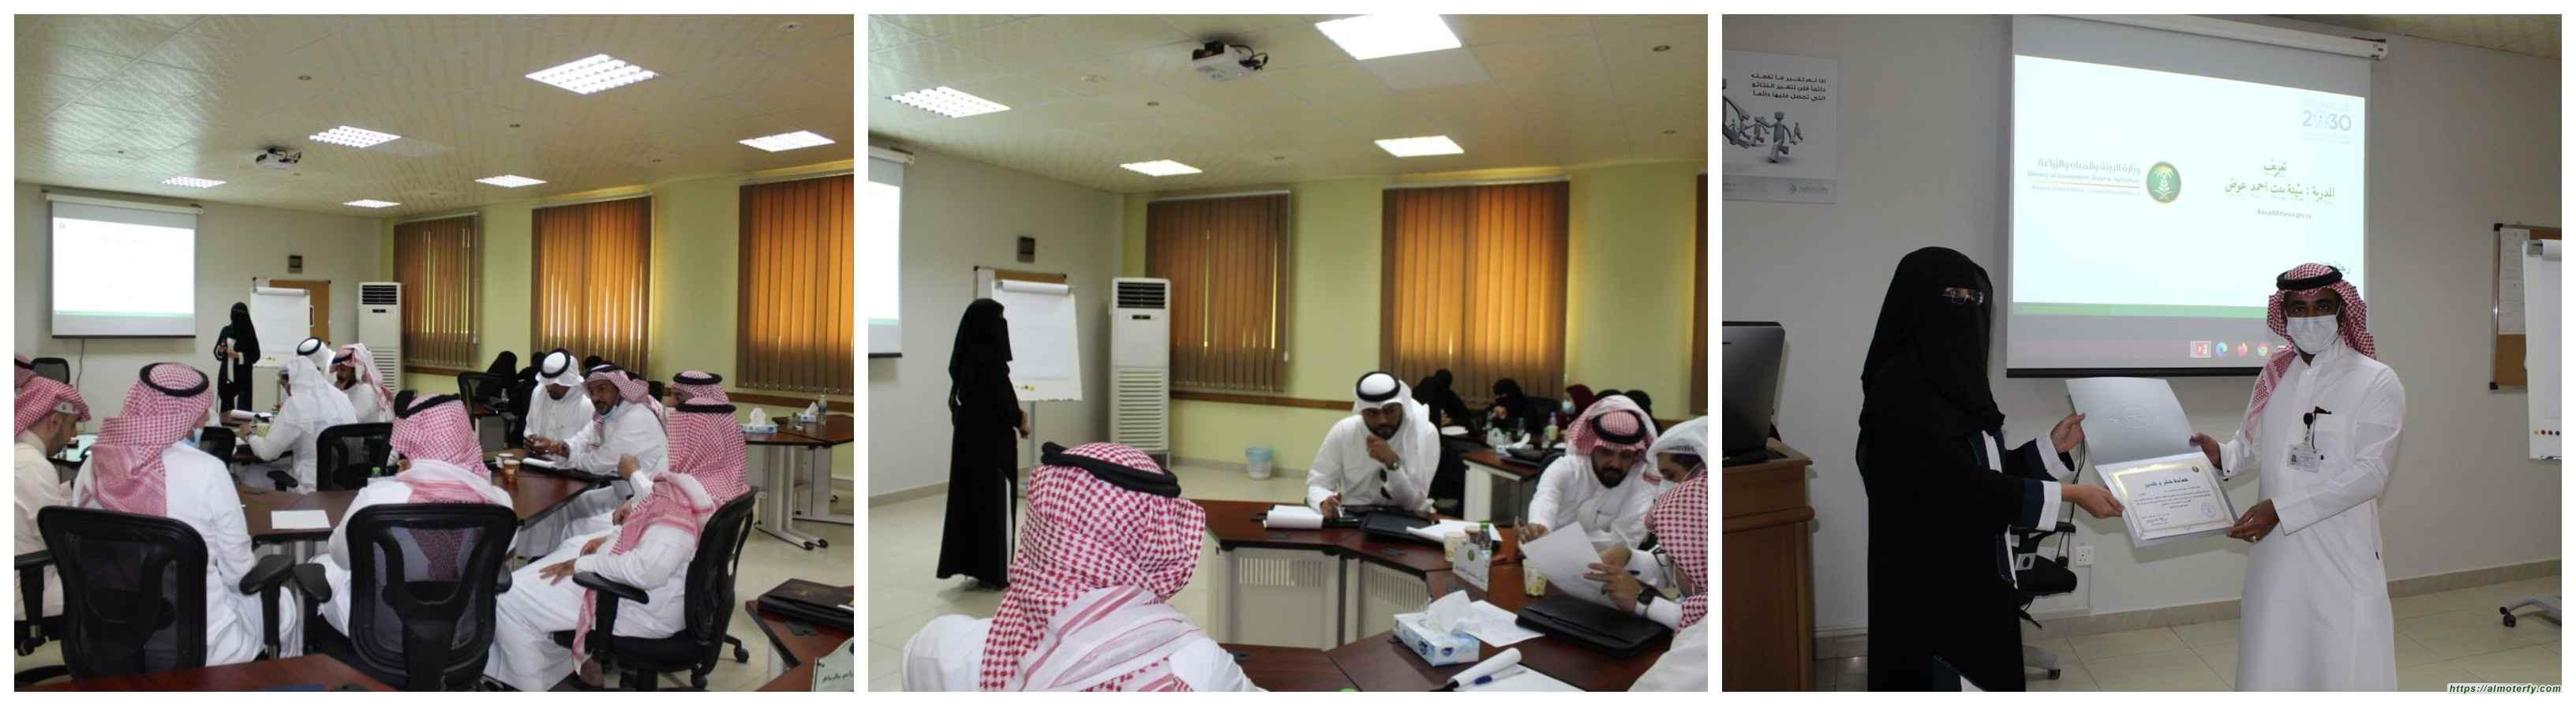 وزارة البيئة والمياة والزراعة تستعرض ورشتها التدريبية في مركز التدريب الزراعي بالرياض بقيادة نسائية